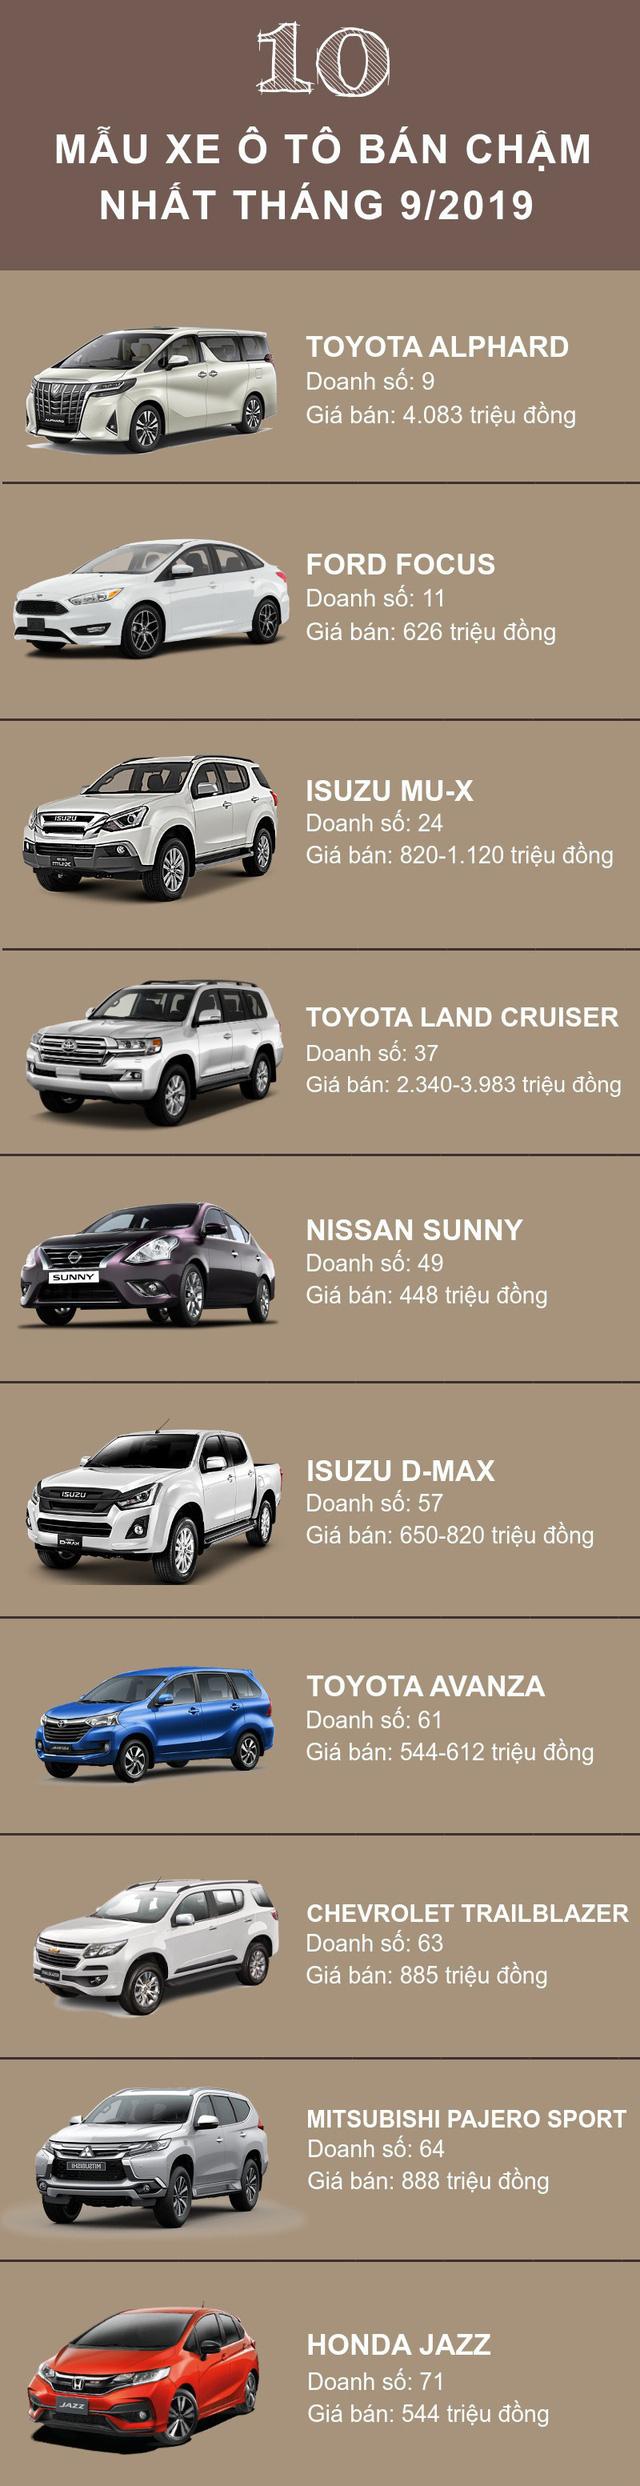 Top 10 ô tô bán chậm nhất trong tháng 9/2019: Toyota góp mặt 3 mẫu xe, nhiều nhân tố mới xuất hiện - Ảnh 1.